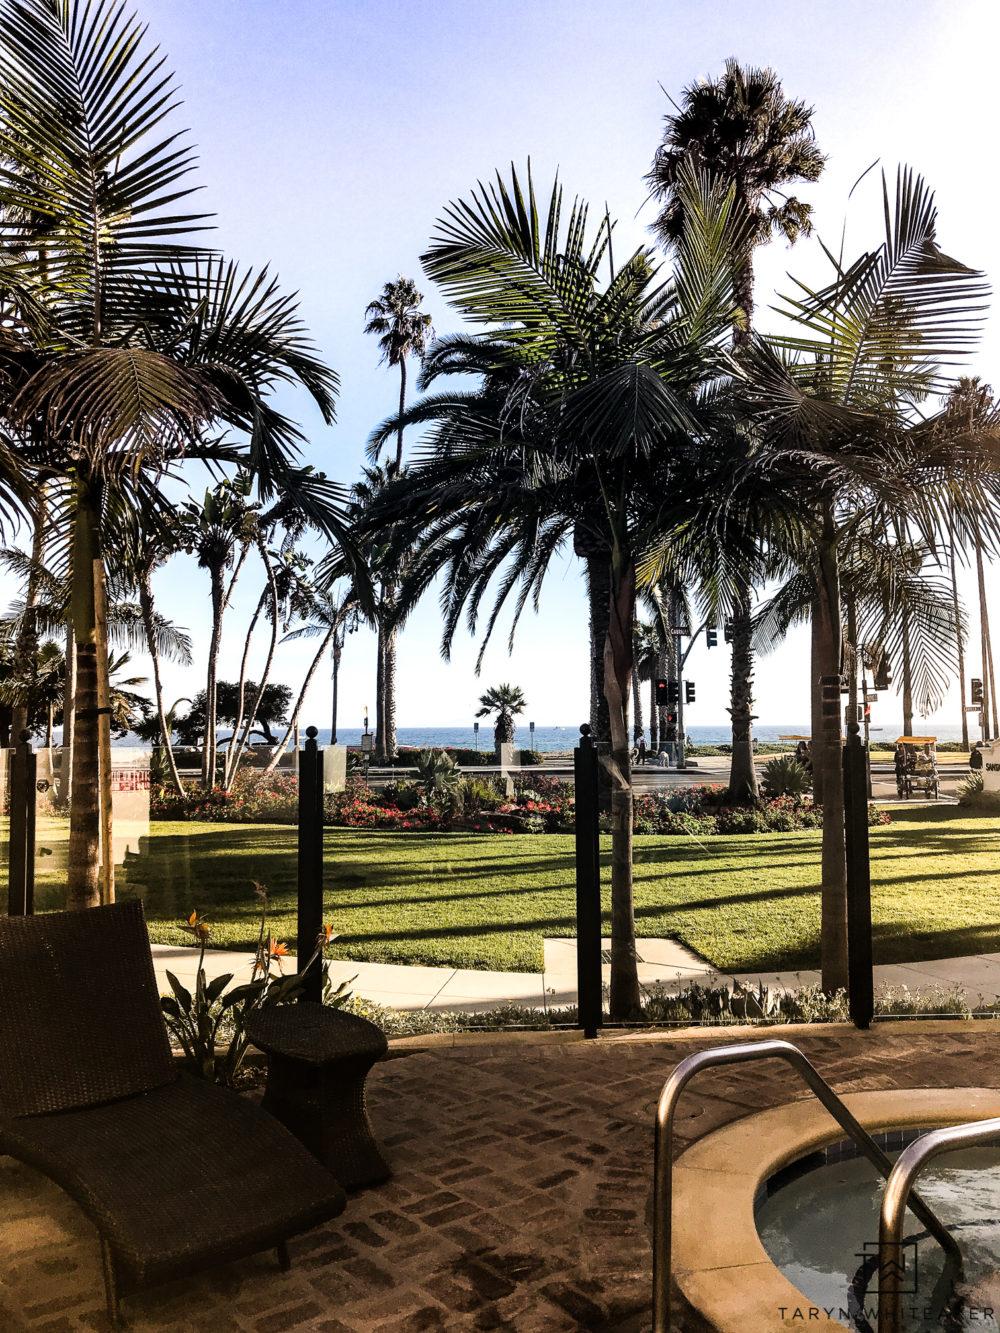 View from the pool at the Santa Barbara Inn